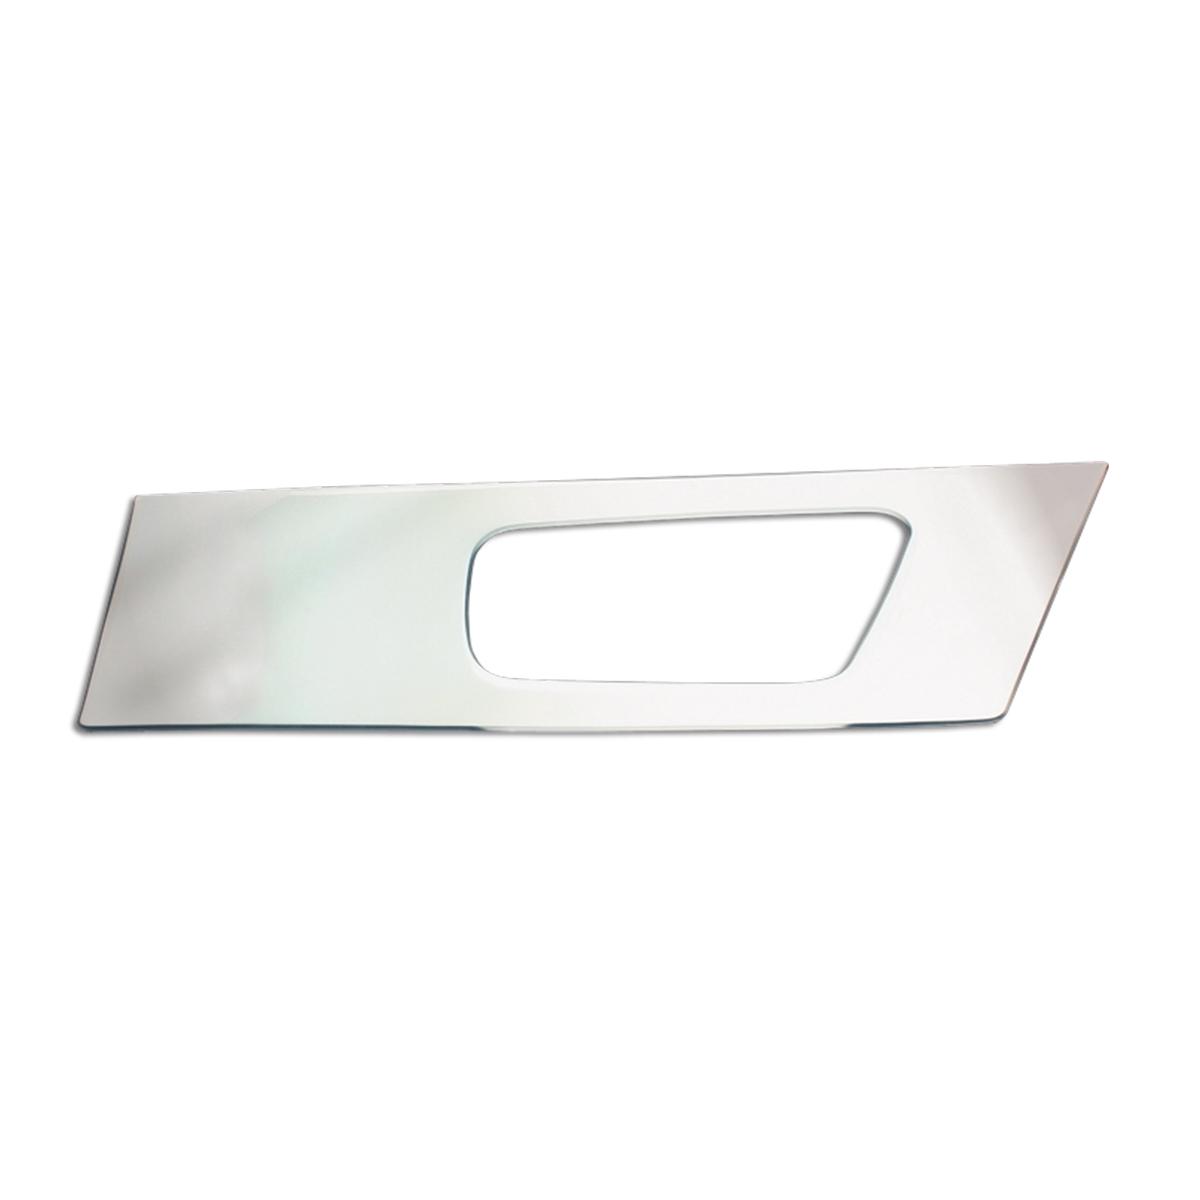 68919 KW Chrome Soft Plastic Passenger Side Door Panel